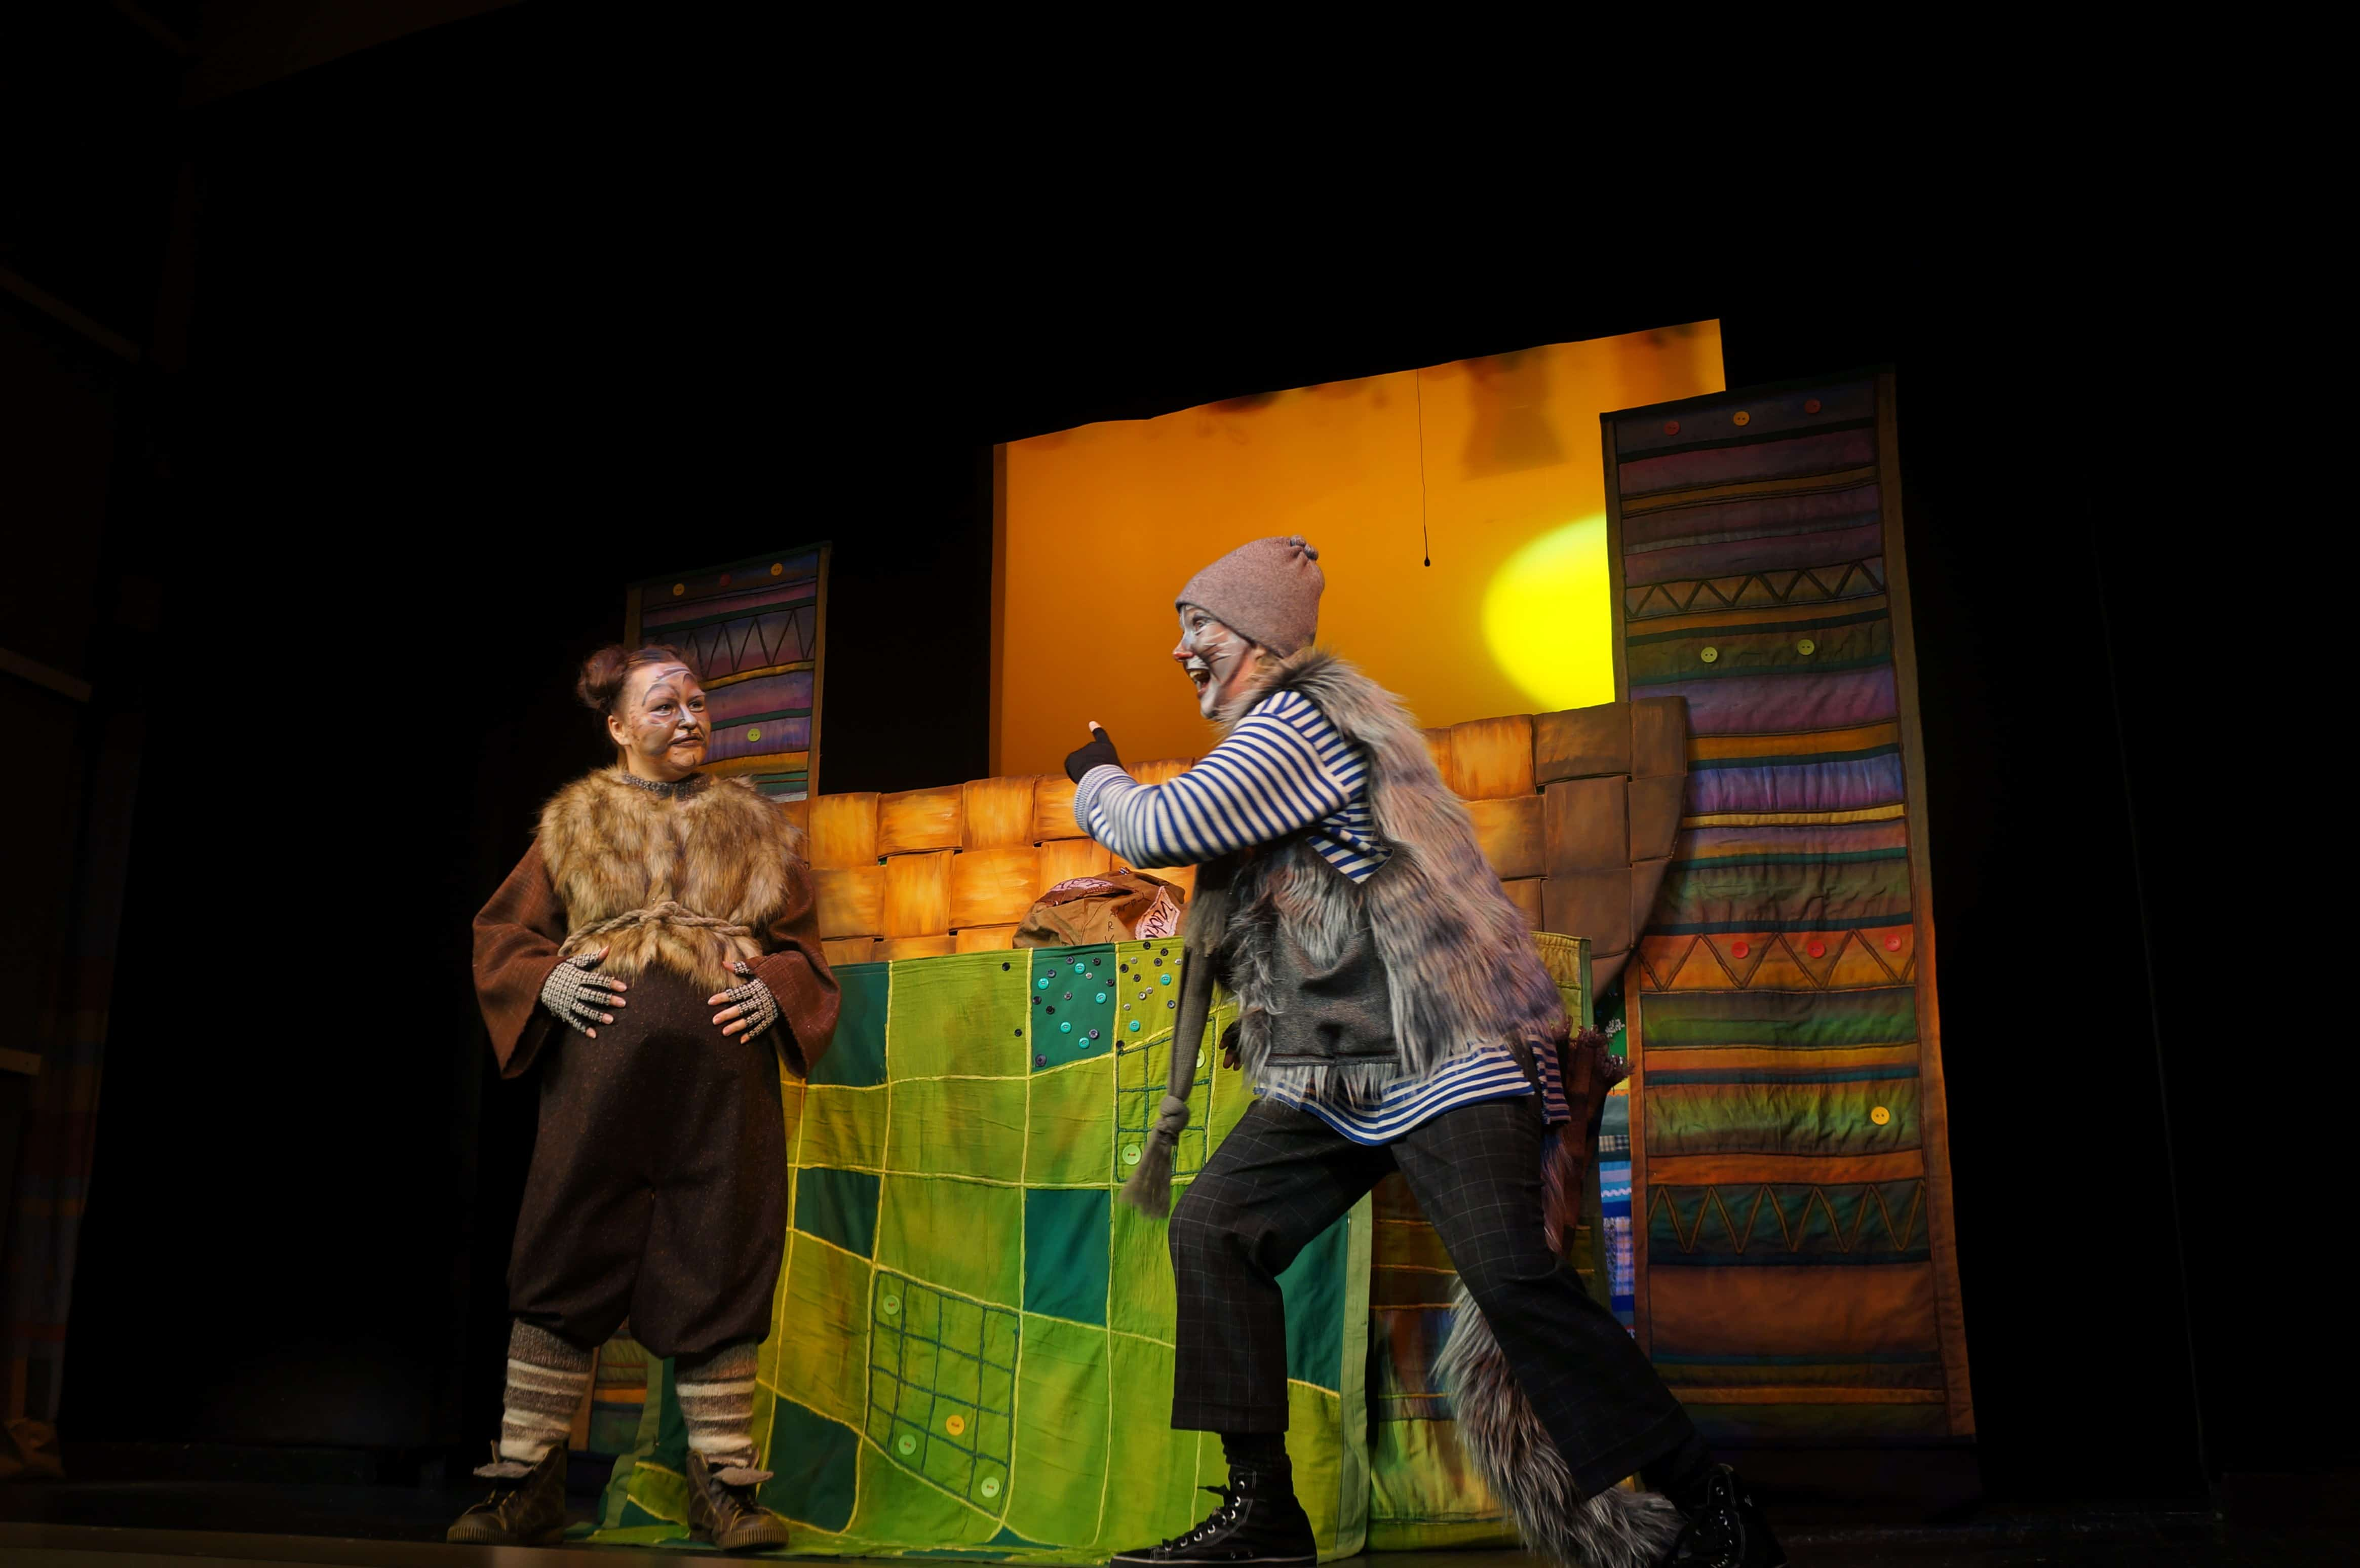 Карельский народный театр кукол «Чичилиушку» показал премьеру